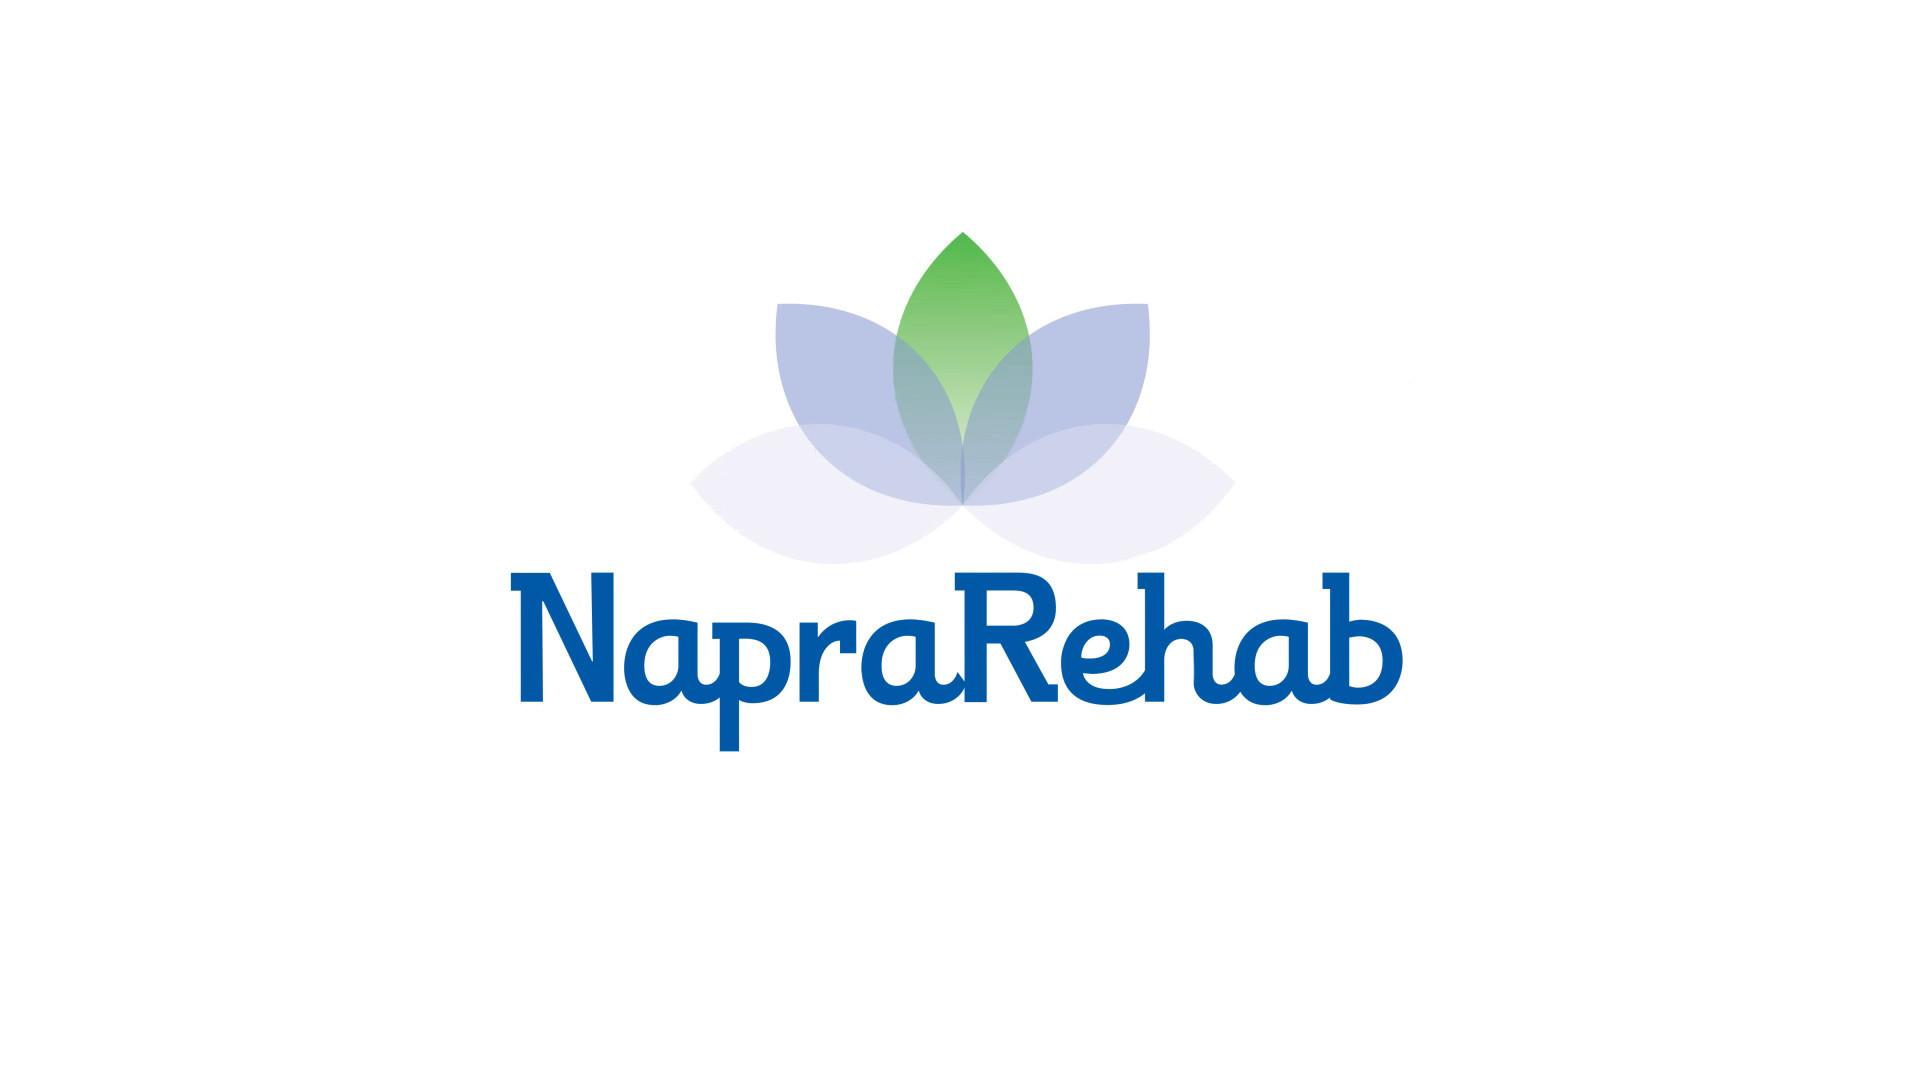 NAPRAREHAB.jpg